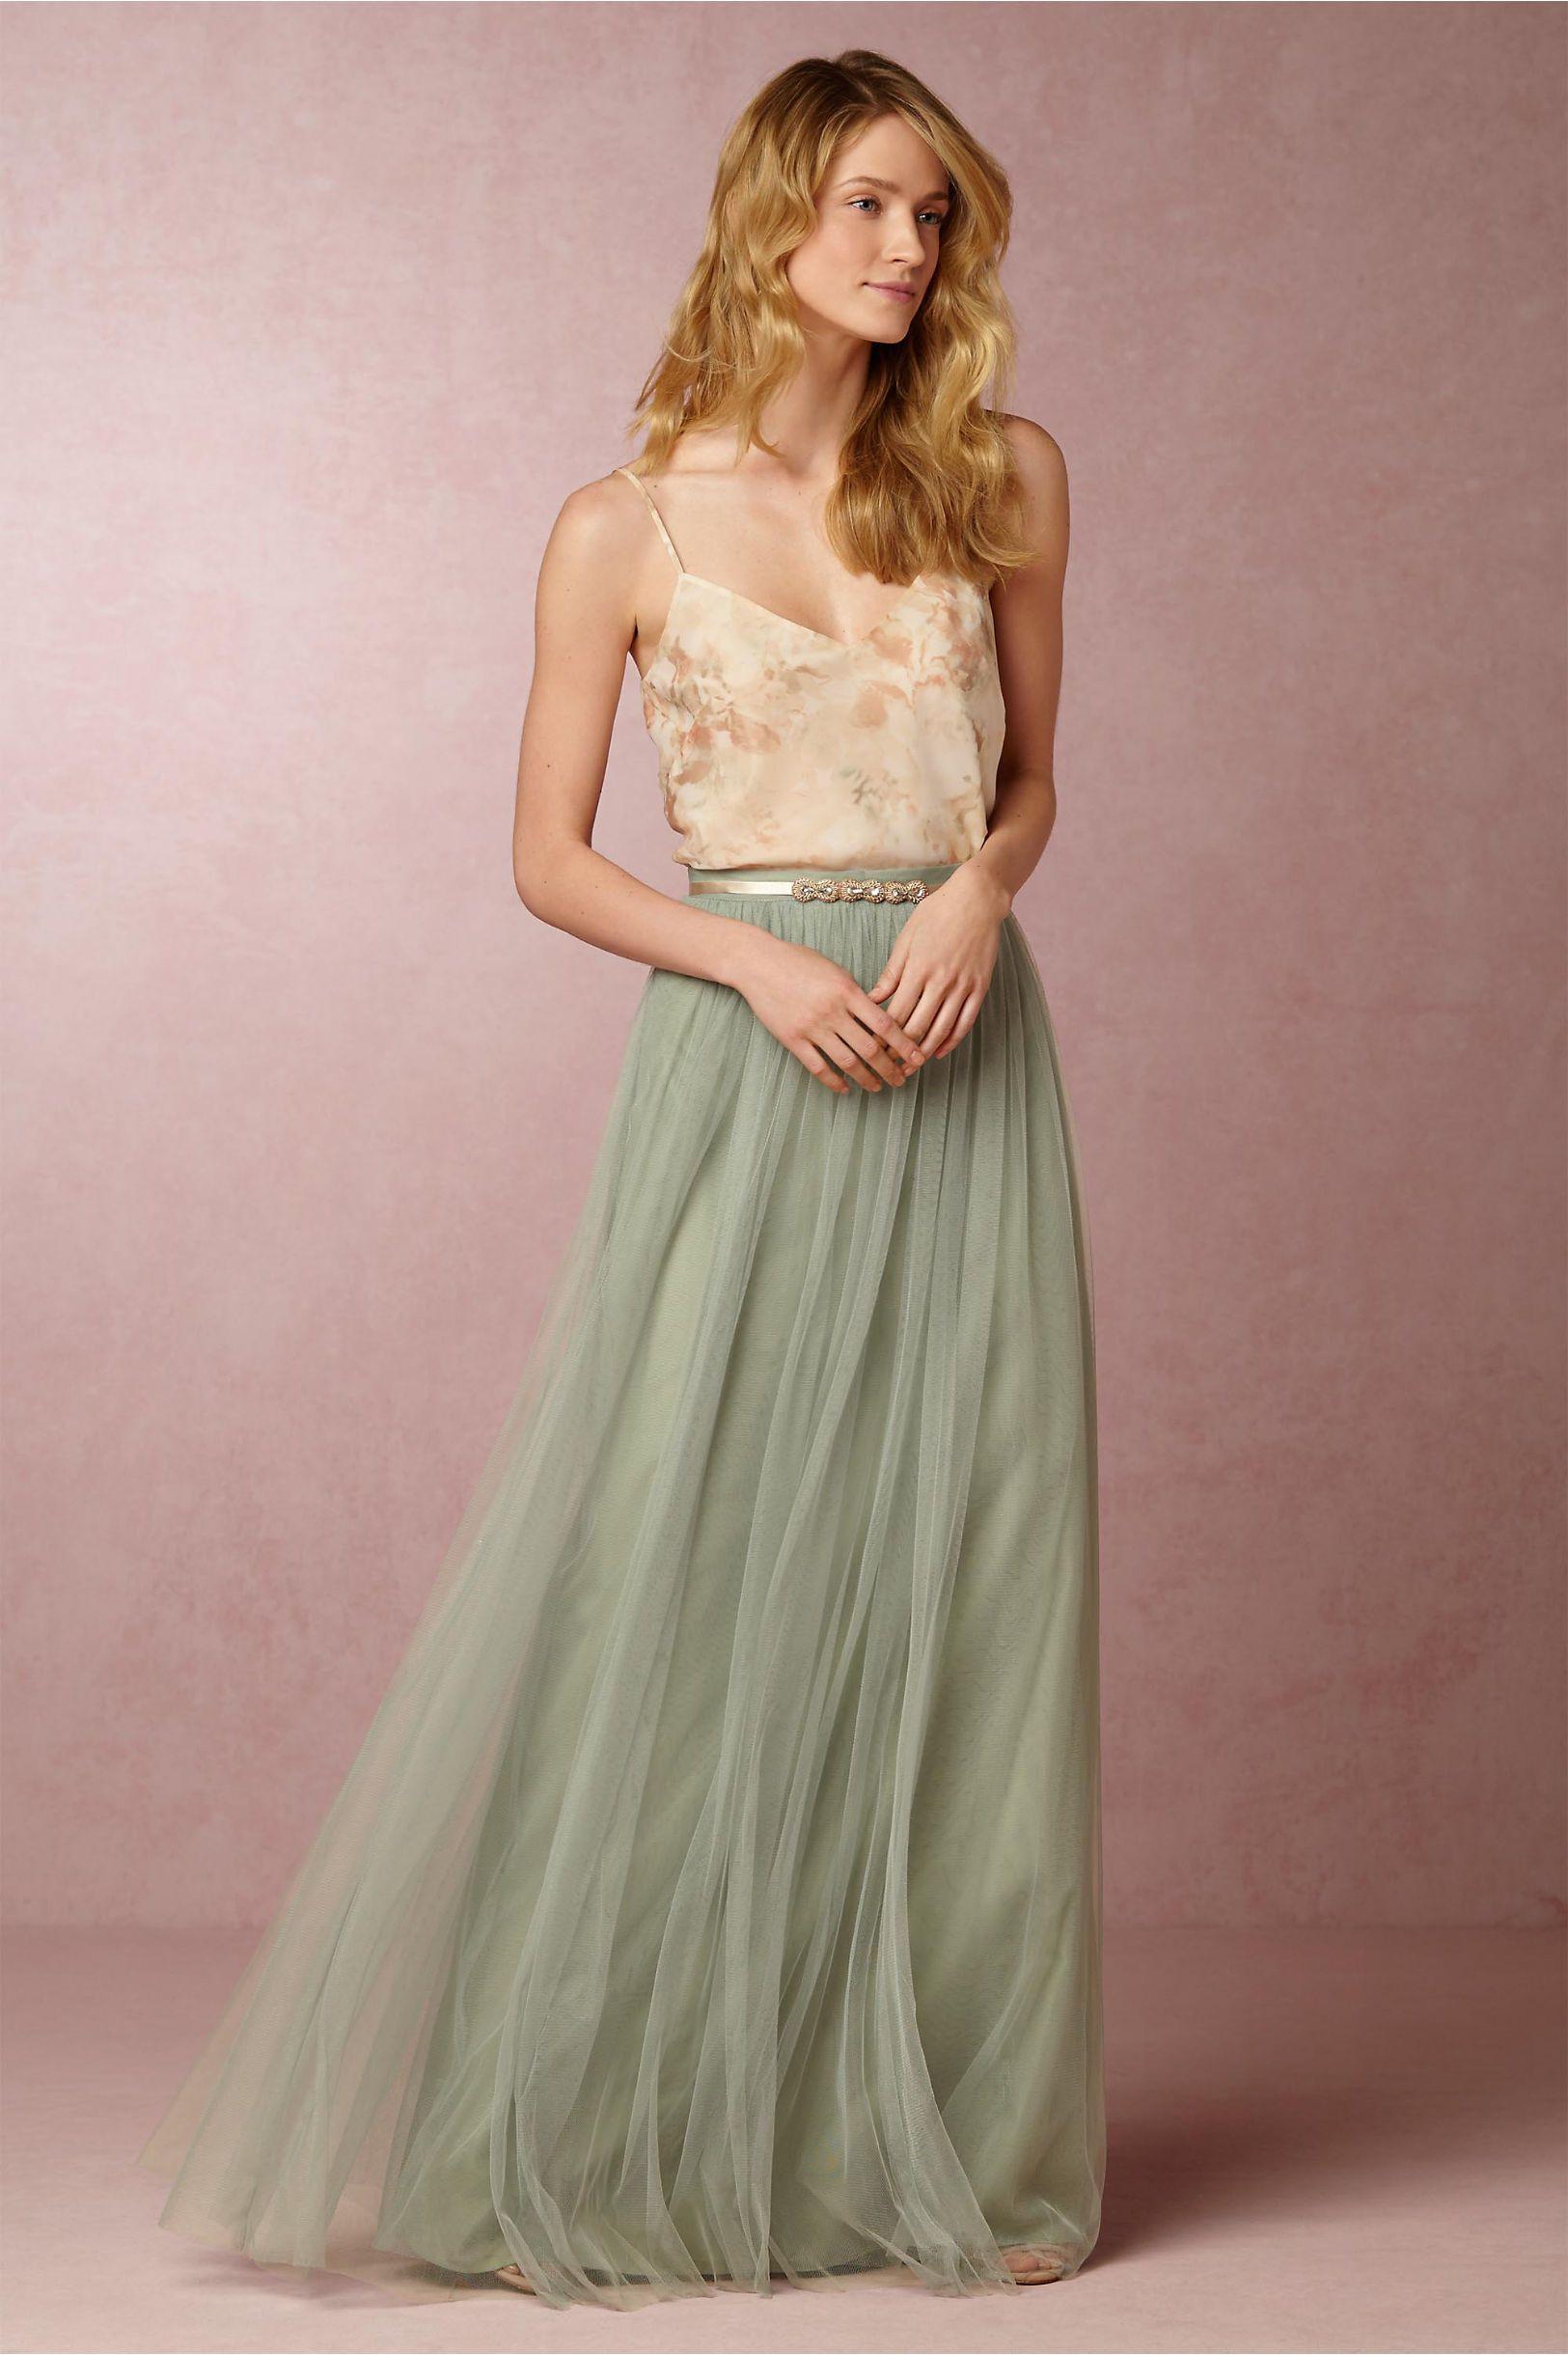 Febrero | Kleider Hochzeit, Trauzeugin Kleid, Outfit